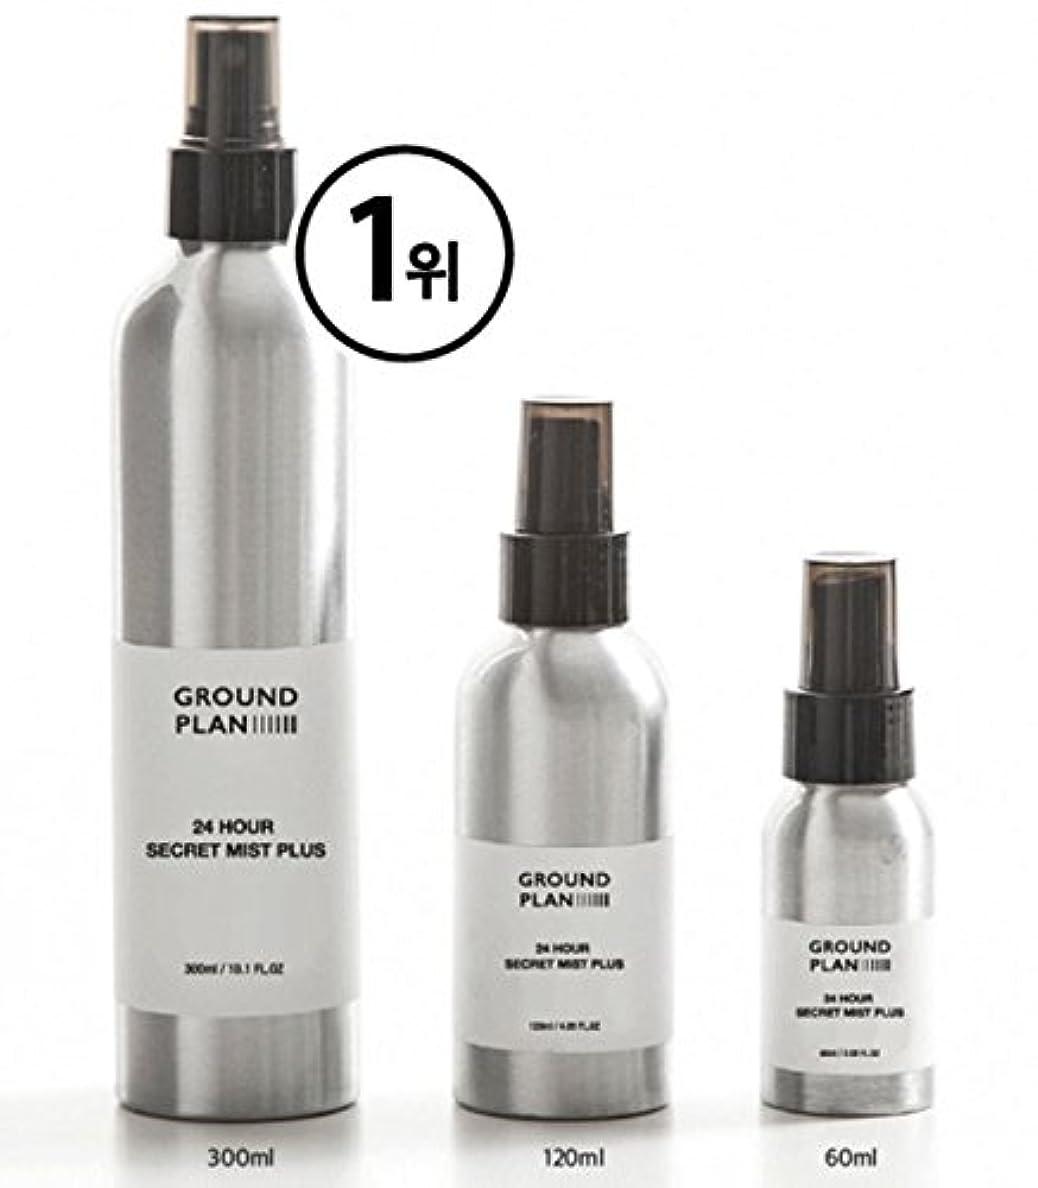 保持マエストロ浸食[グラウンド?プラン] 24Hour 秘密 スキンミスト Plus (120ml) (300ml) Ground plan 24 Hour Secret Skin Mist Plus [海外直送品] (120ml)